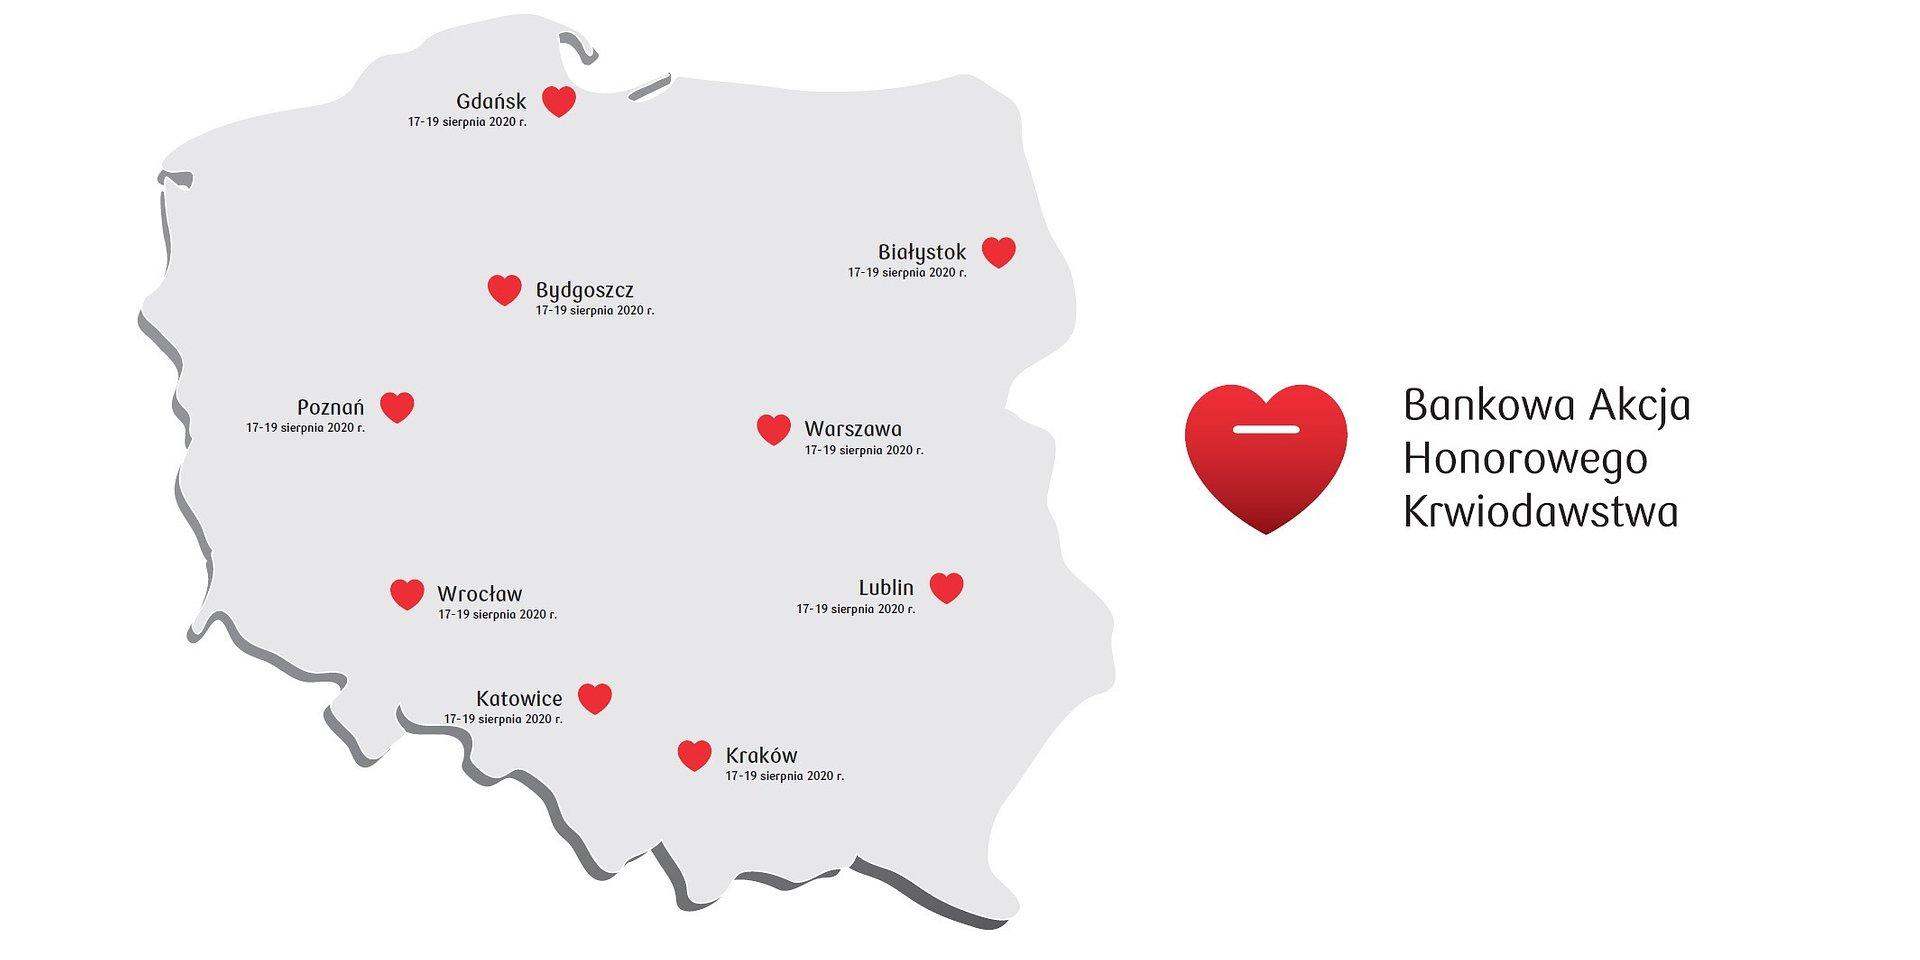 Przyłącz się do Bankowej Akcji Honorowego Krwiodawstwa we Wrocławiu